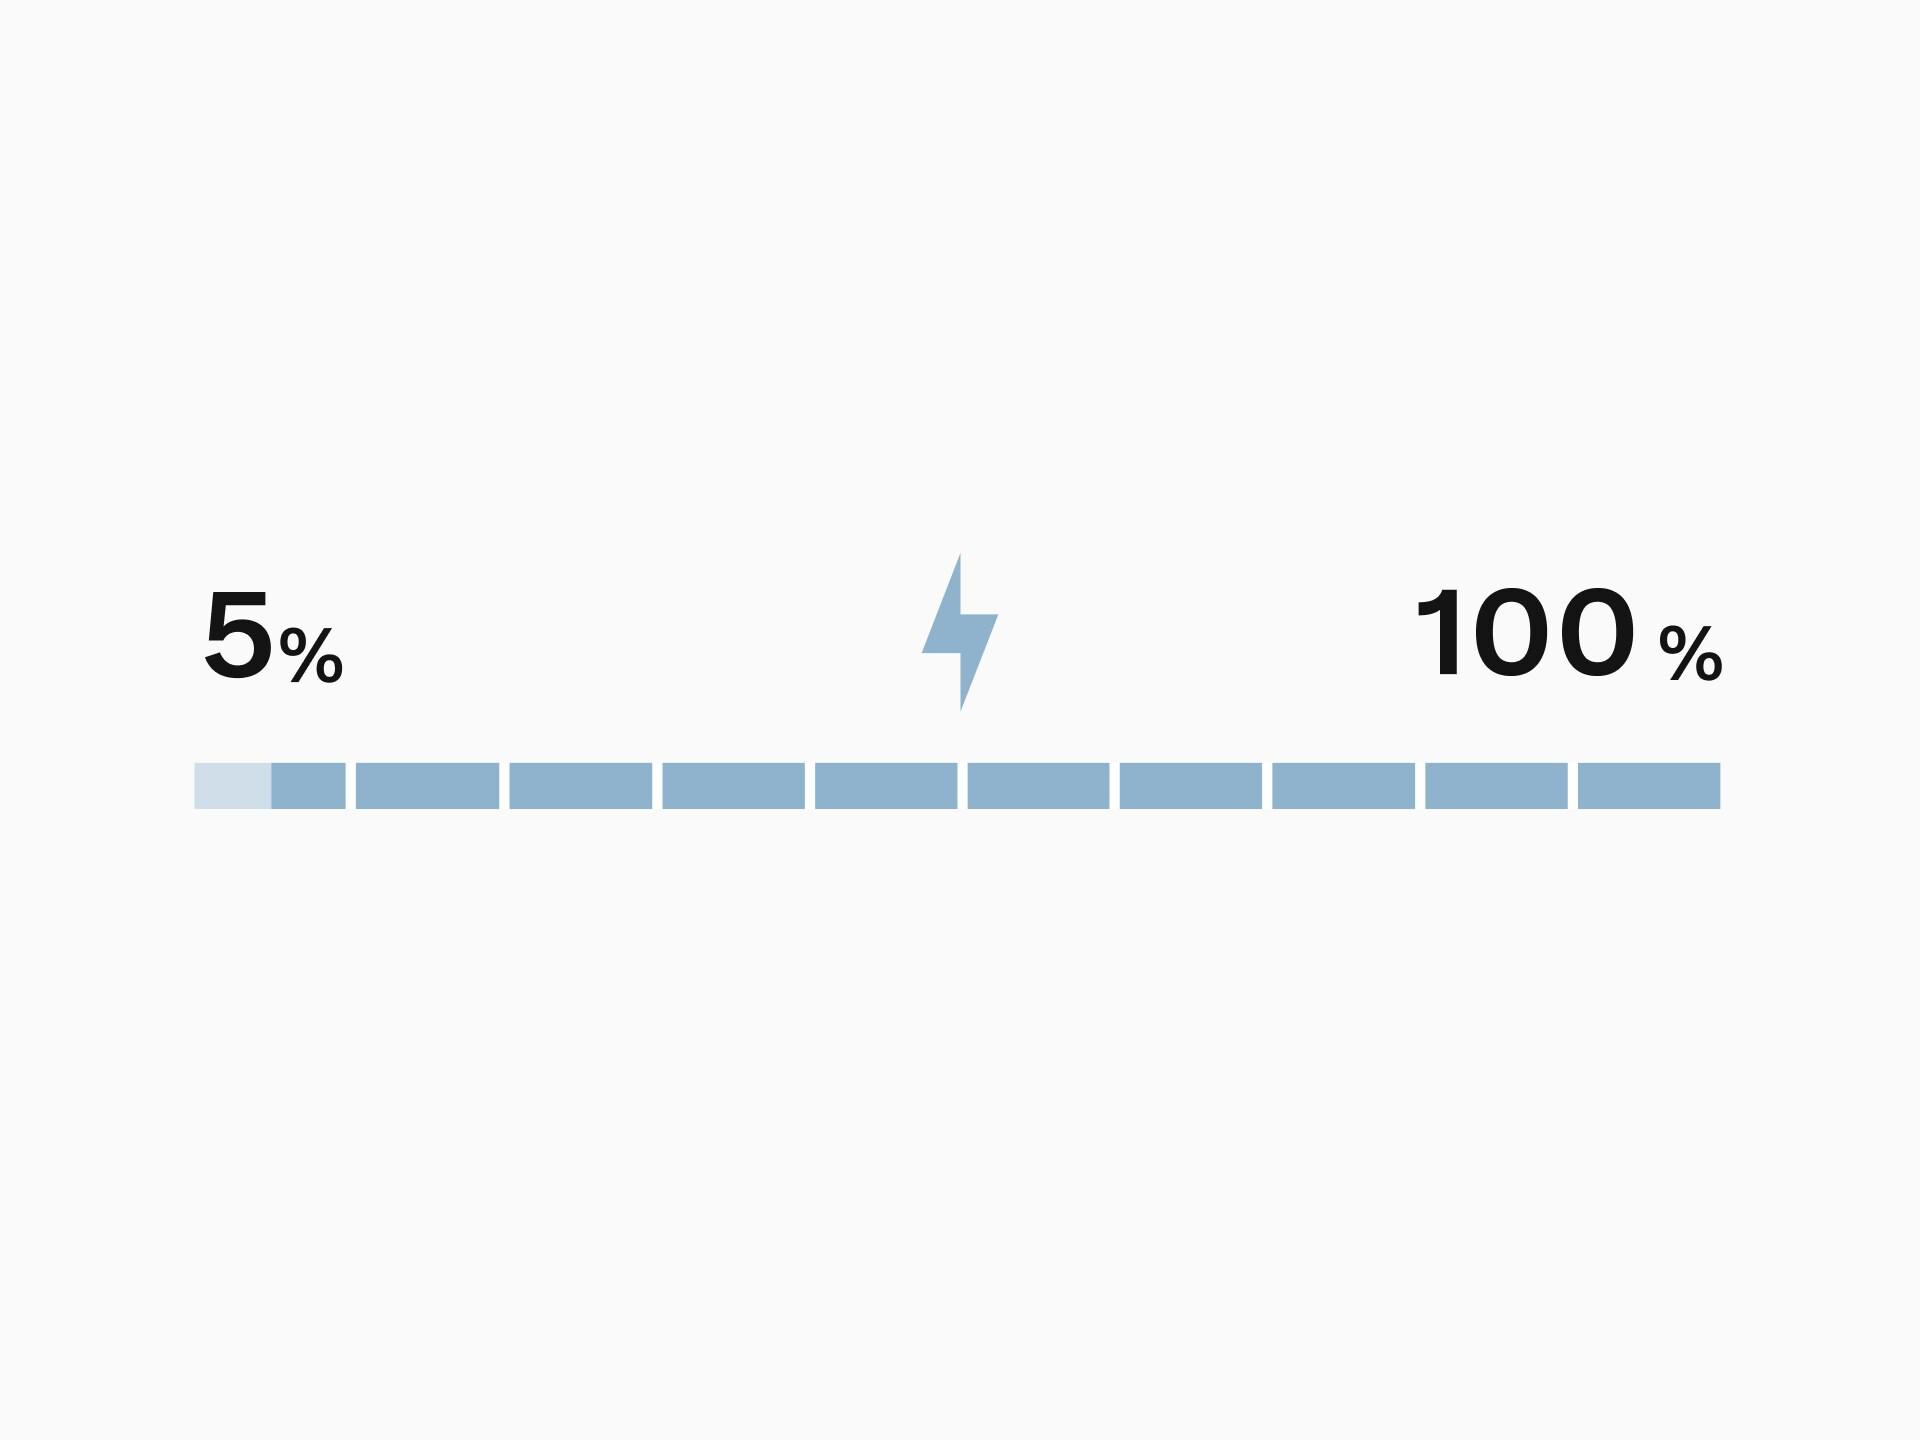 Akumuliatoriaus įkrovos lygio diagrama, paryškinta nuo 5 % iki 100 %, nurodant geriausią įkraunamo hibrido akumuliatoriaus veikimo diapazoną.